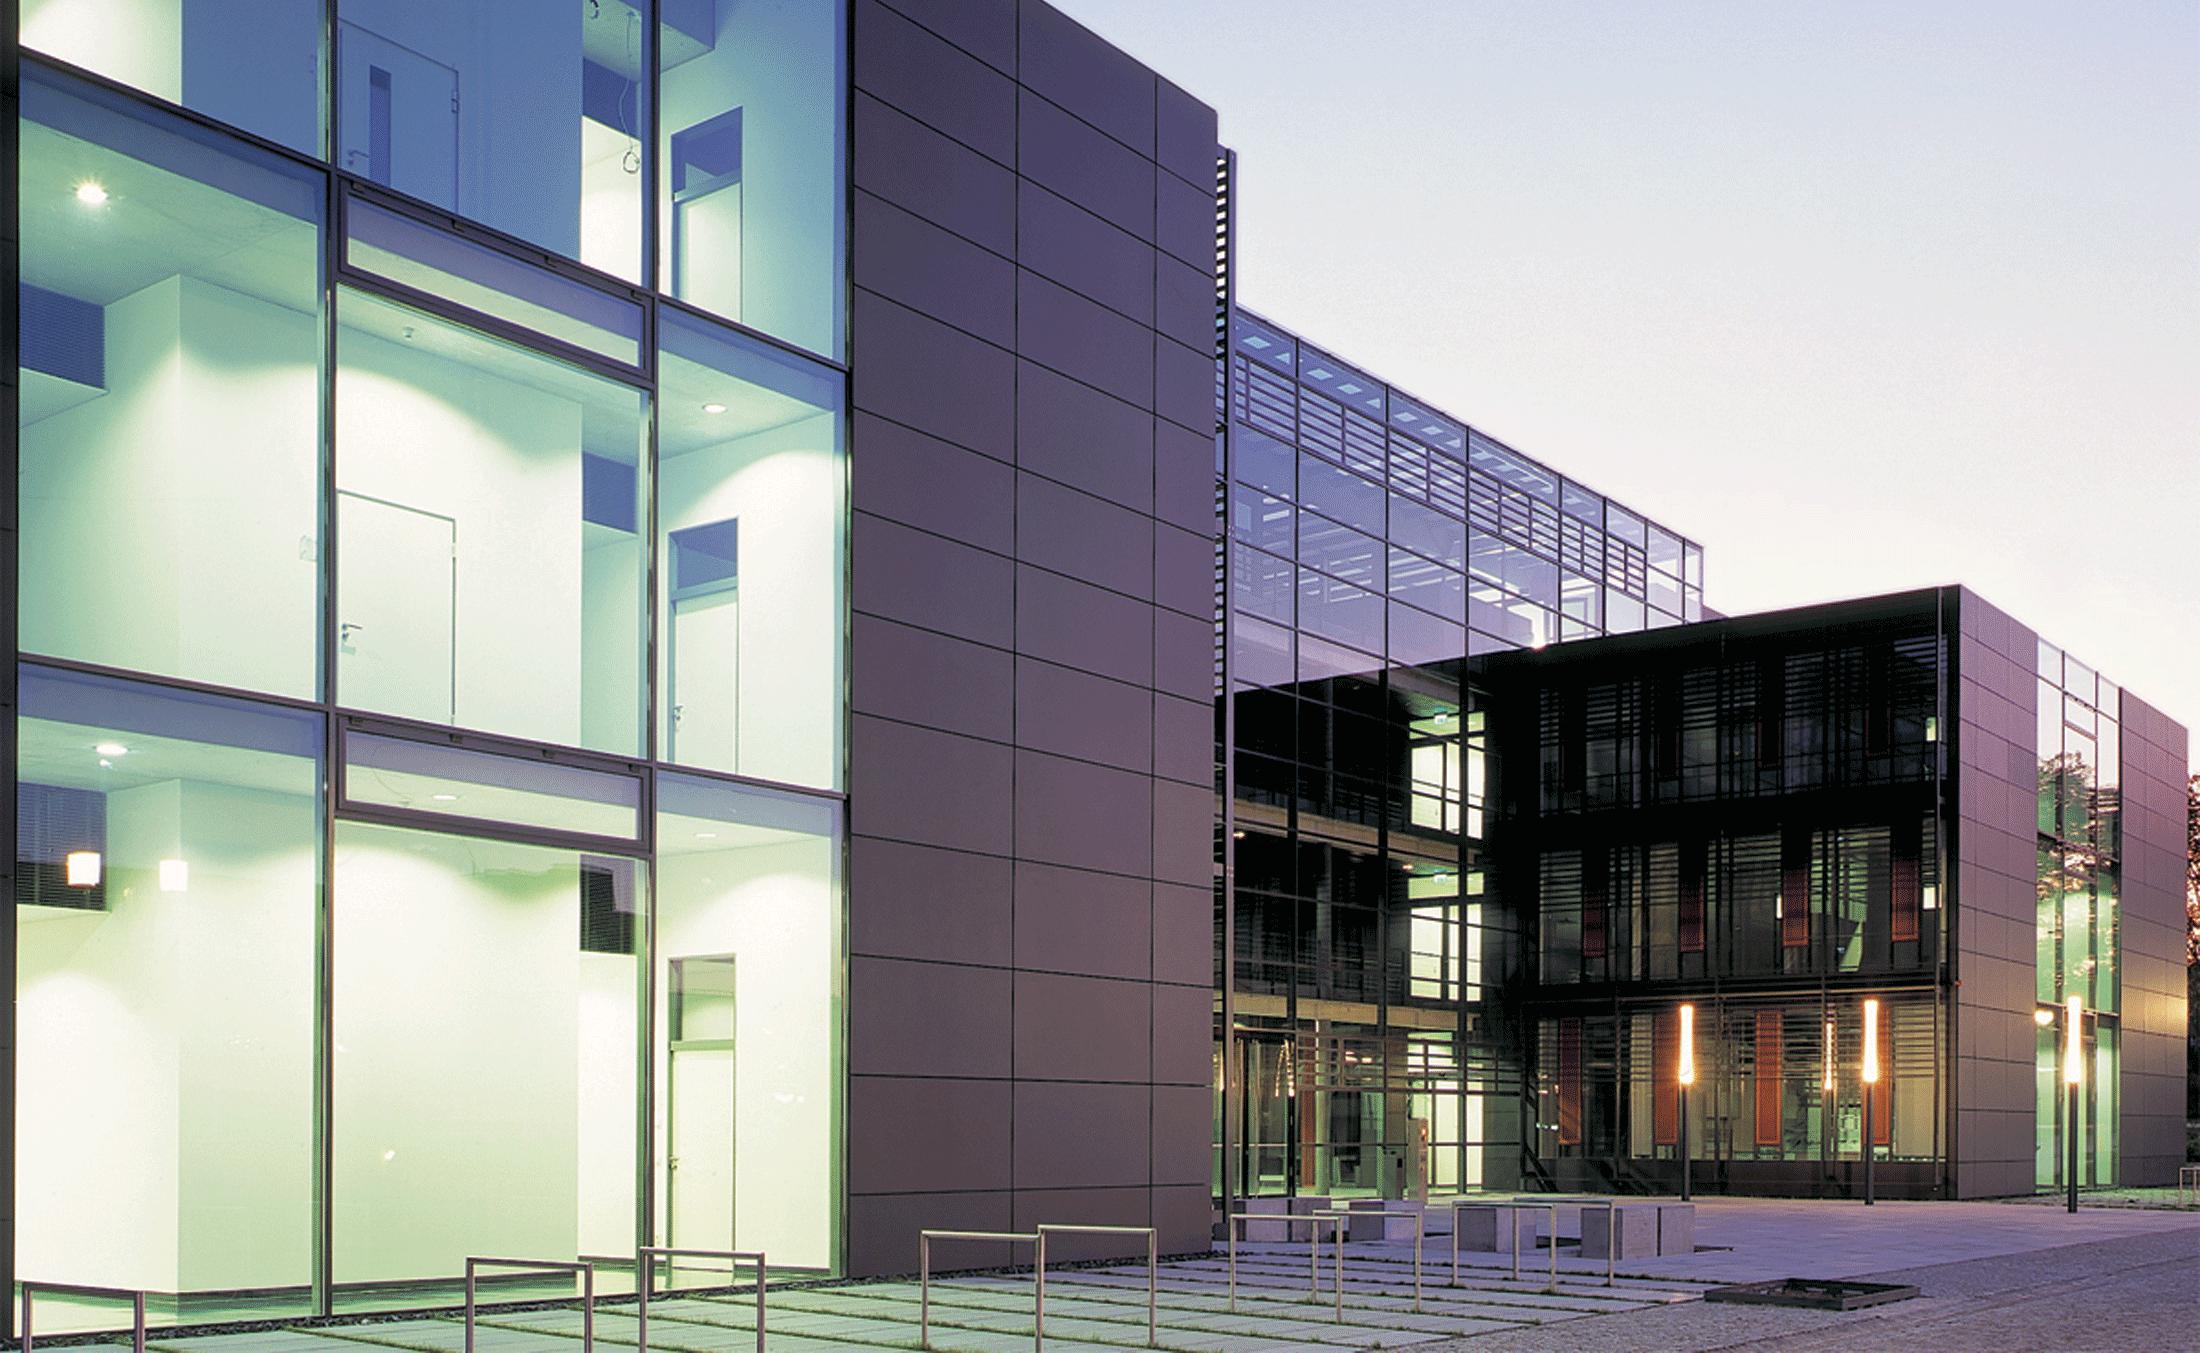 Biologische institute technische universit t dresden - Uni dresden architektur ...